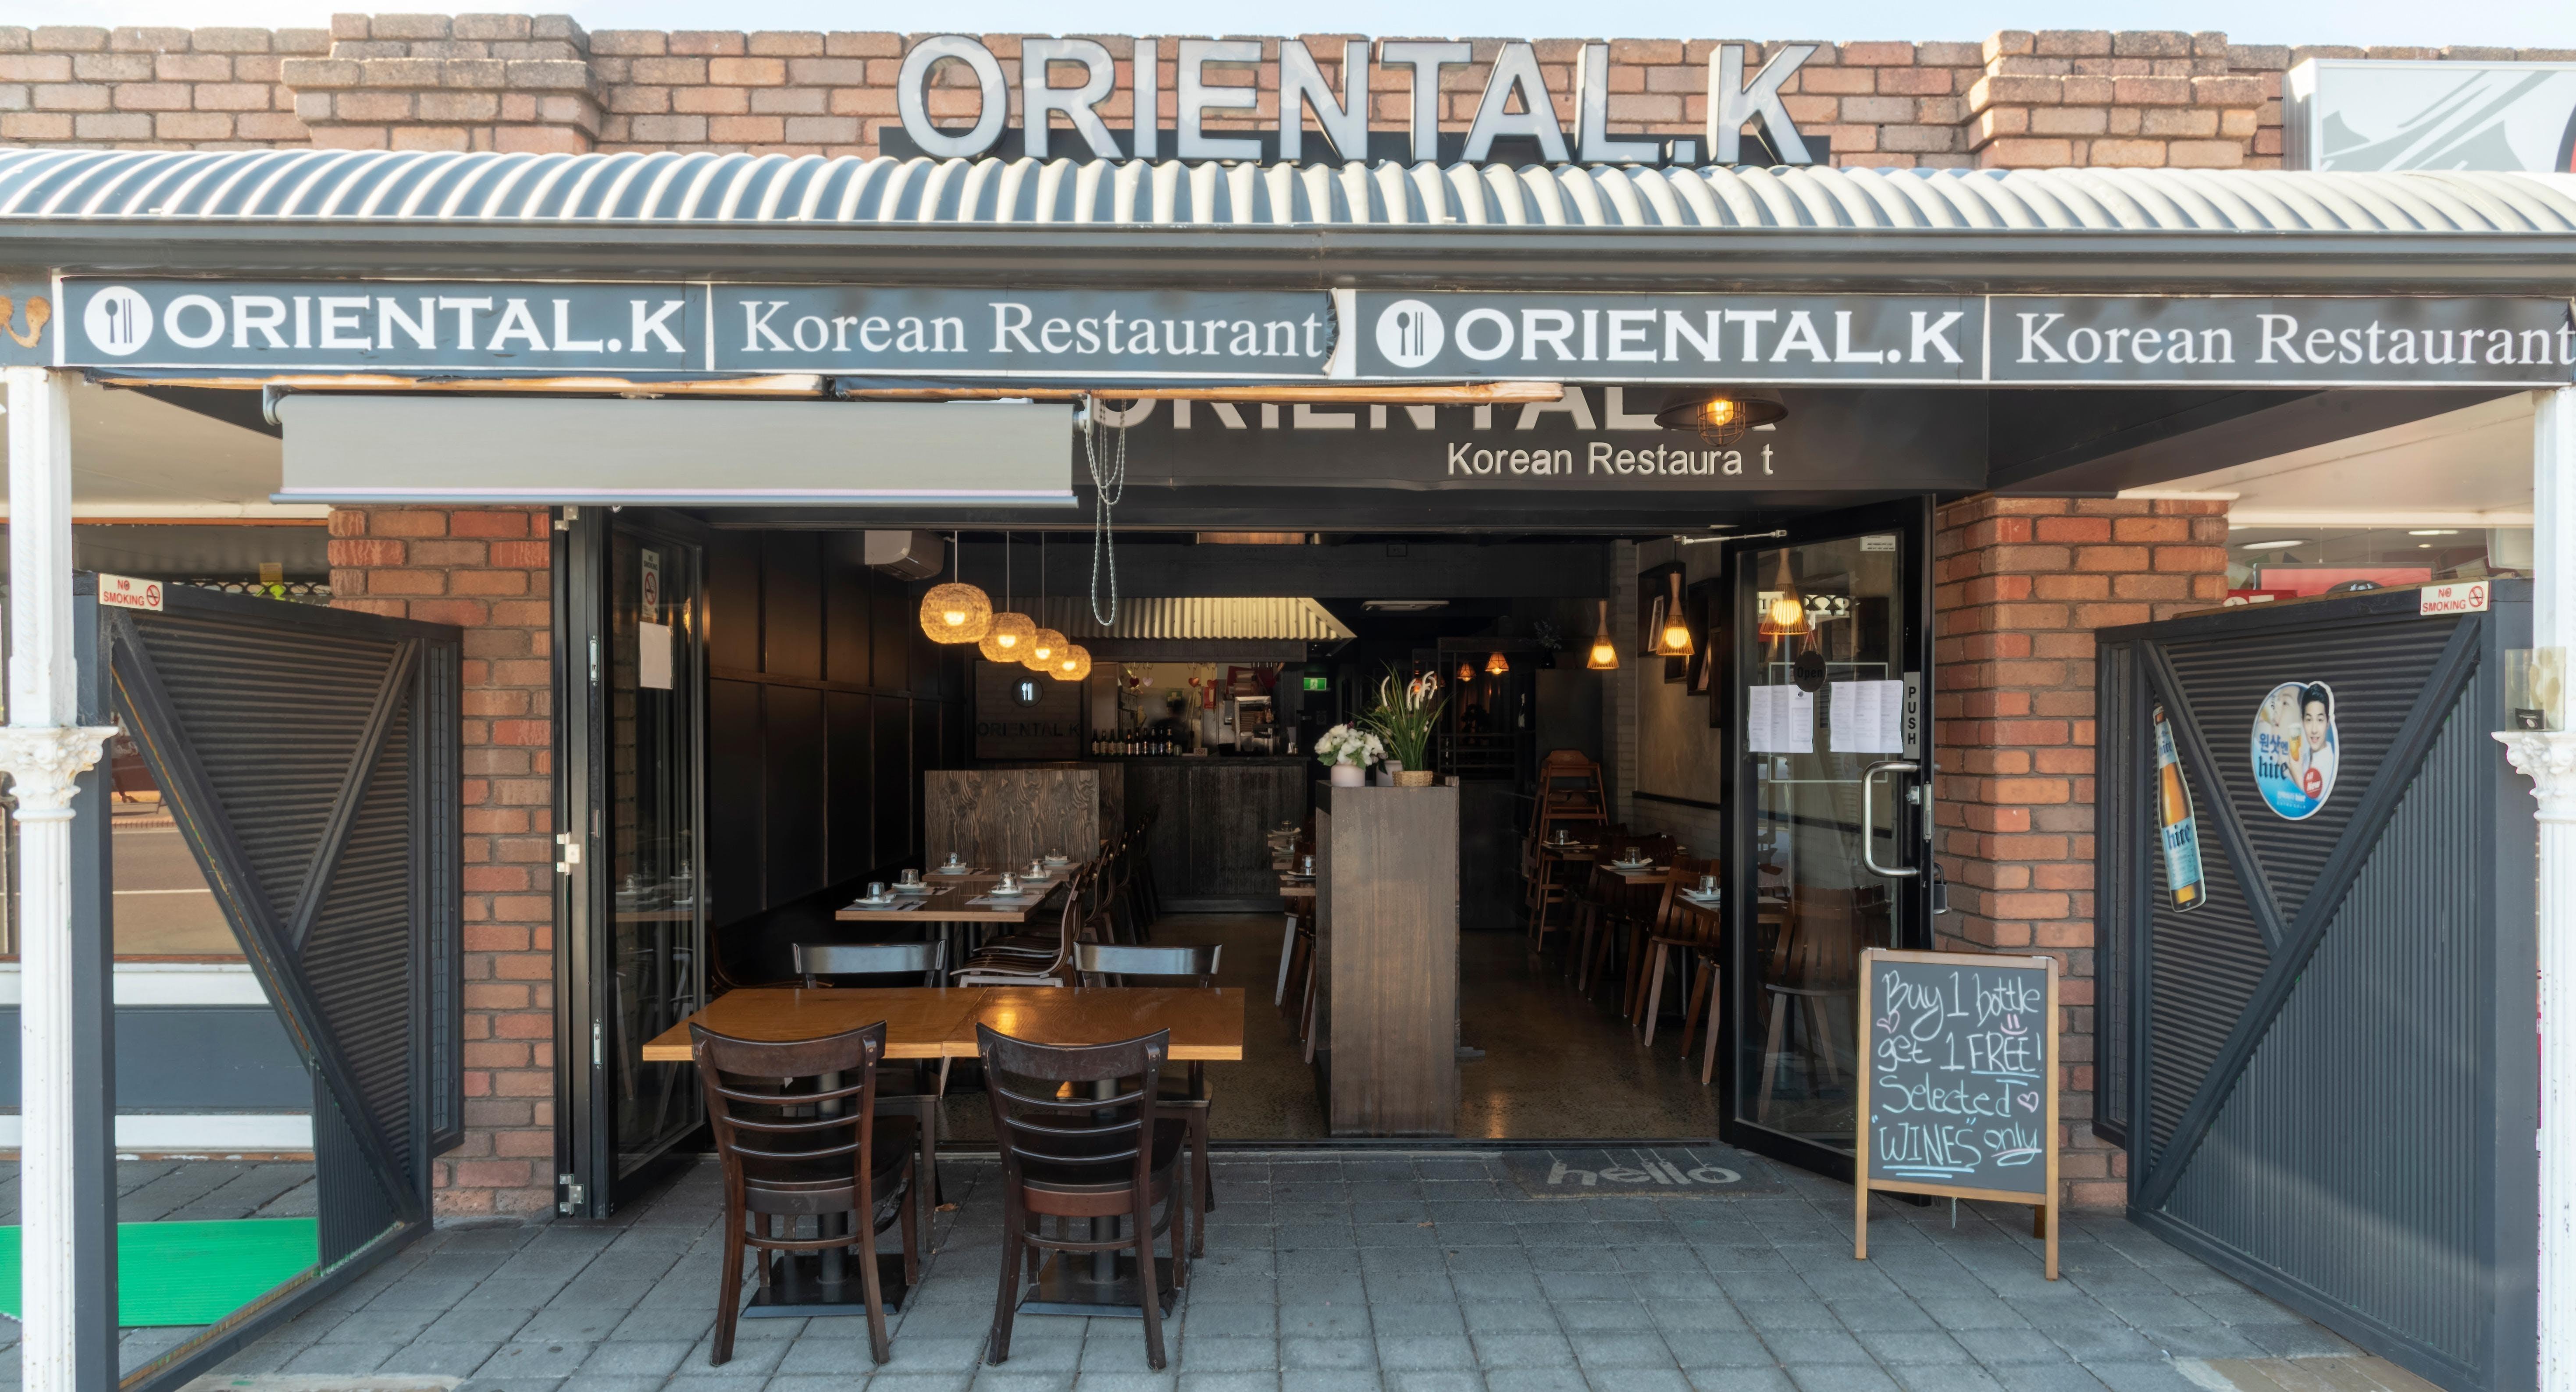 Oriental.K